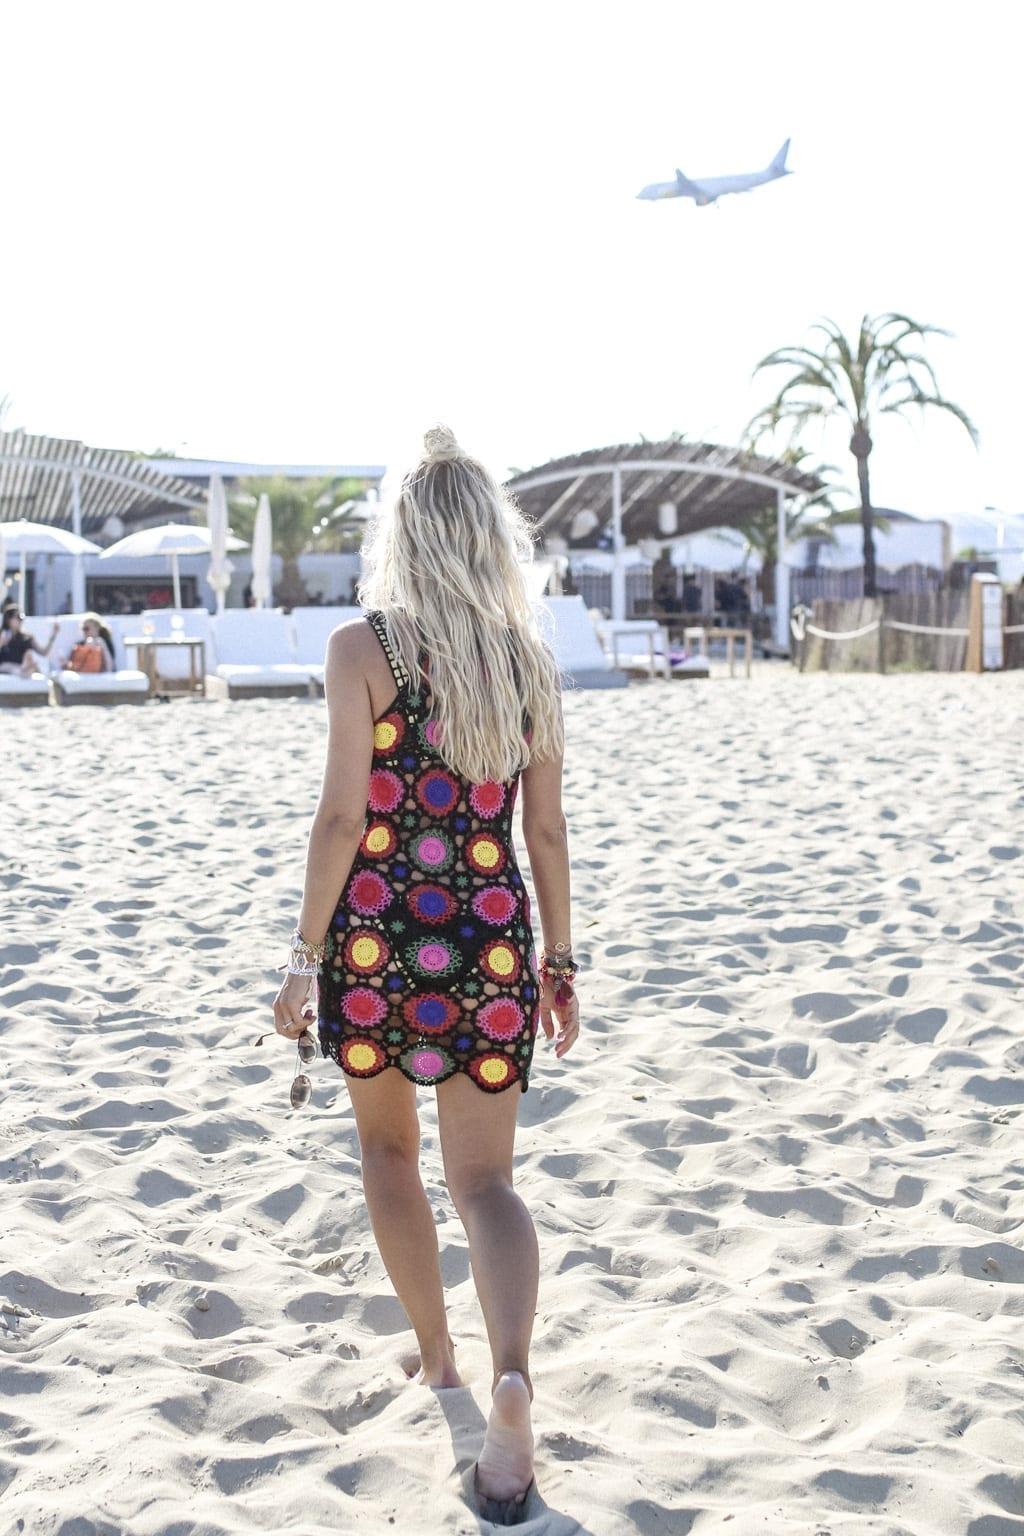 CK-1606_Ibiza-Hotel-Hard-Rock-Beach-Outside-9169